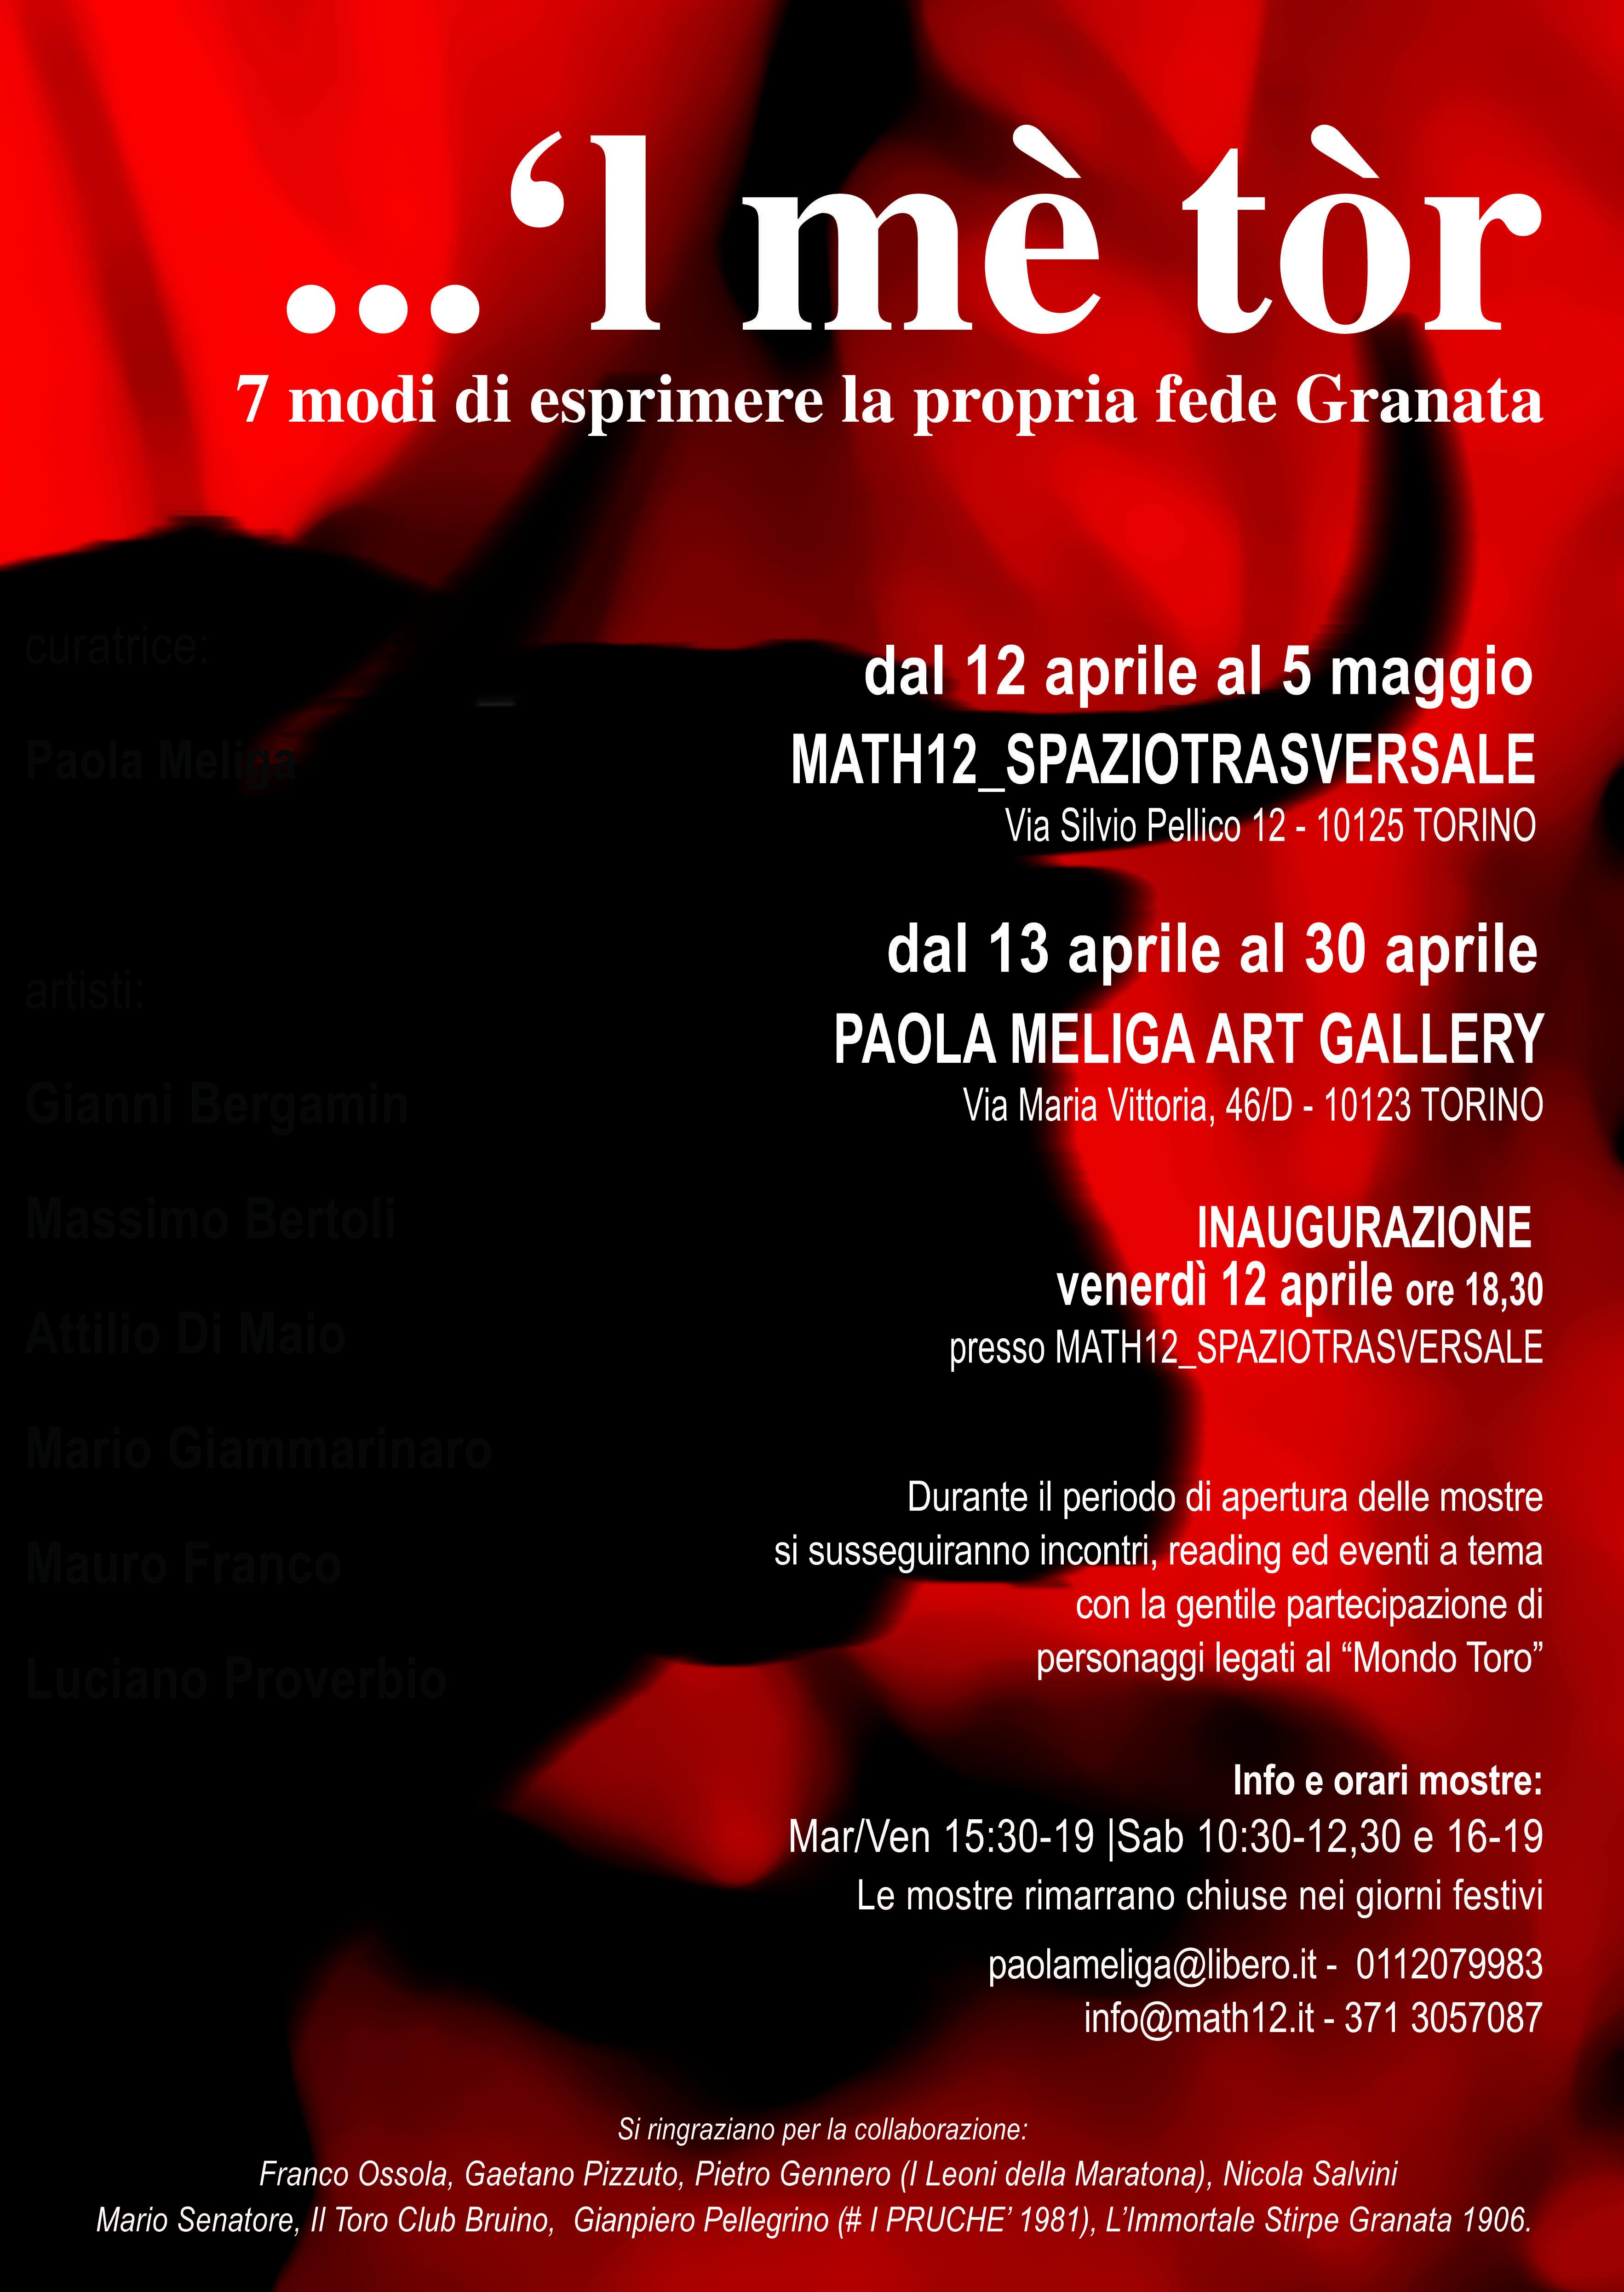 de5f5a2c49593e Per il secondo anno consecutivo, lo spazio culturale Math12 e la Galleria  Paola Meliga, si riuniscono per una mostra dedicata alla storica squadra  Torinese.